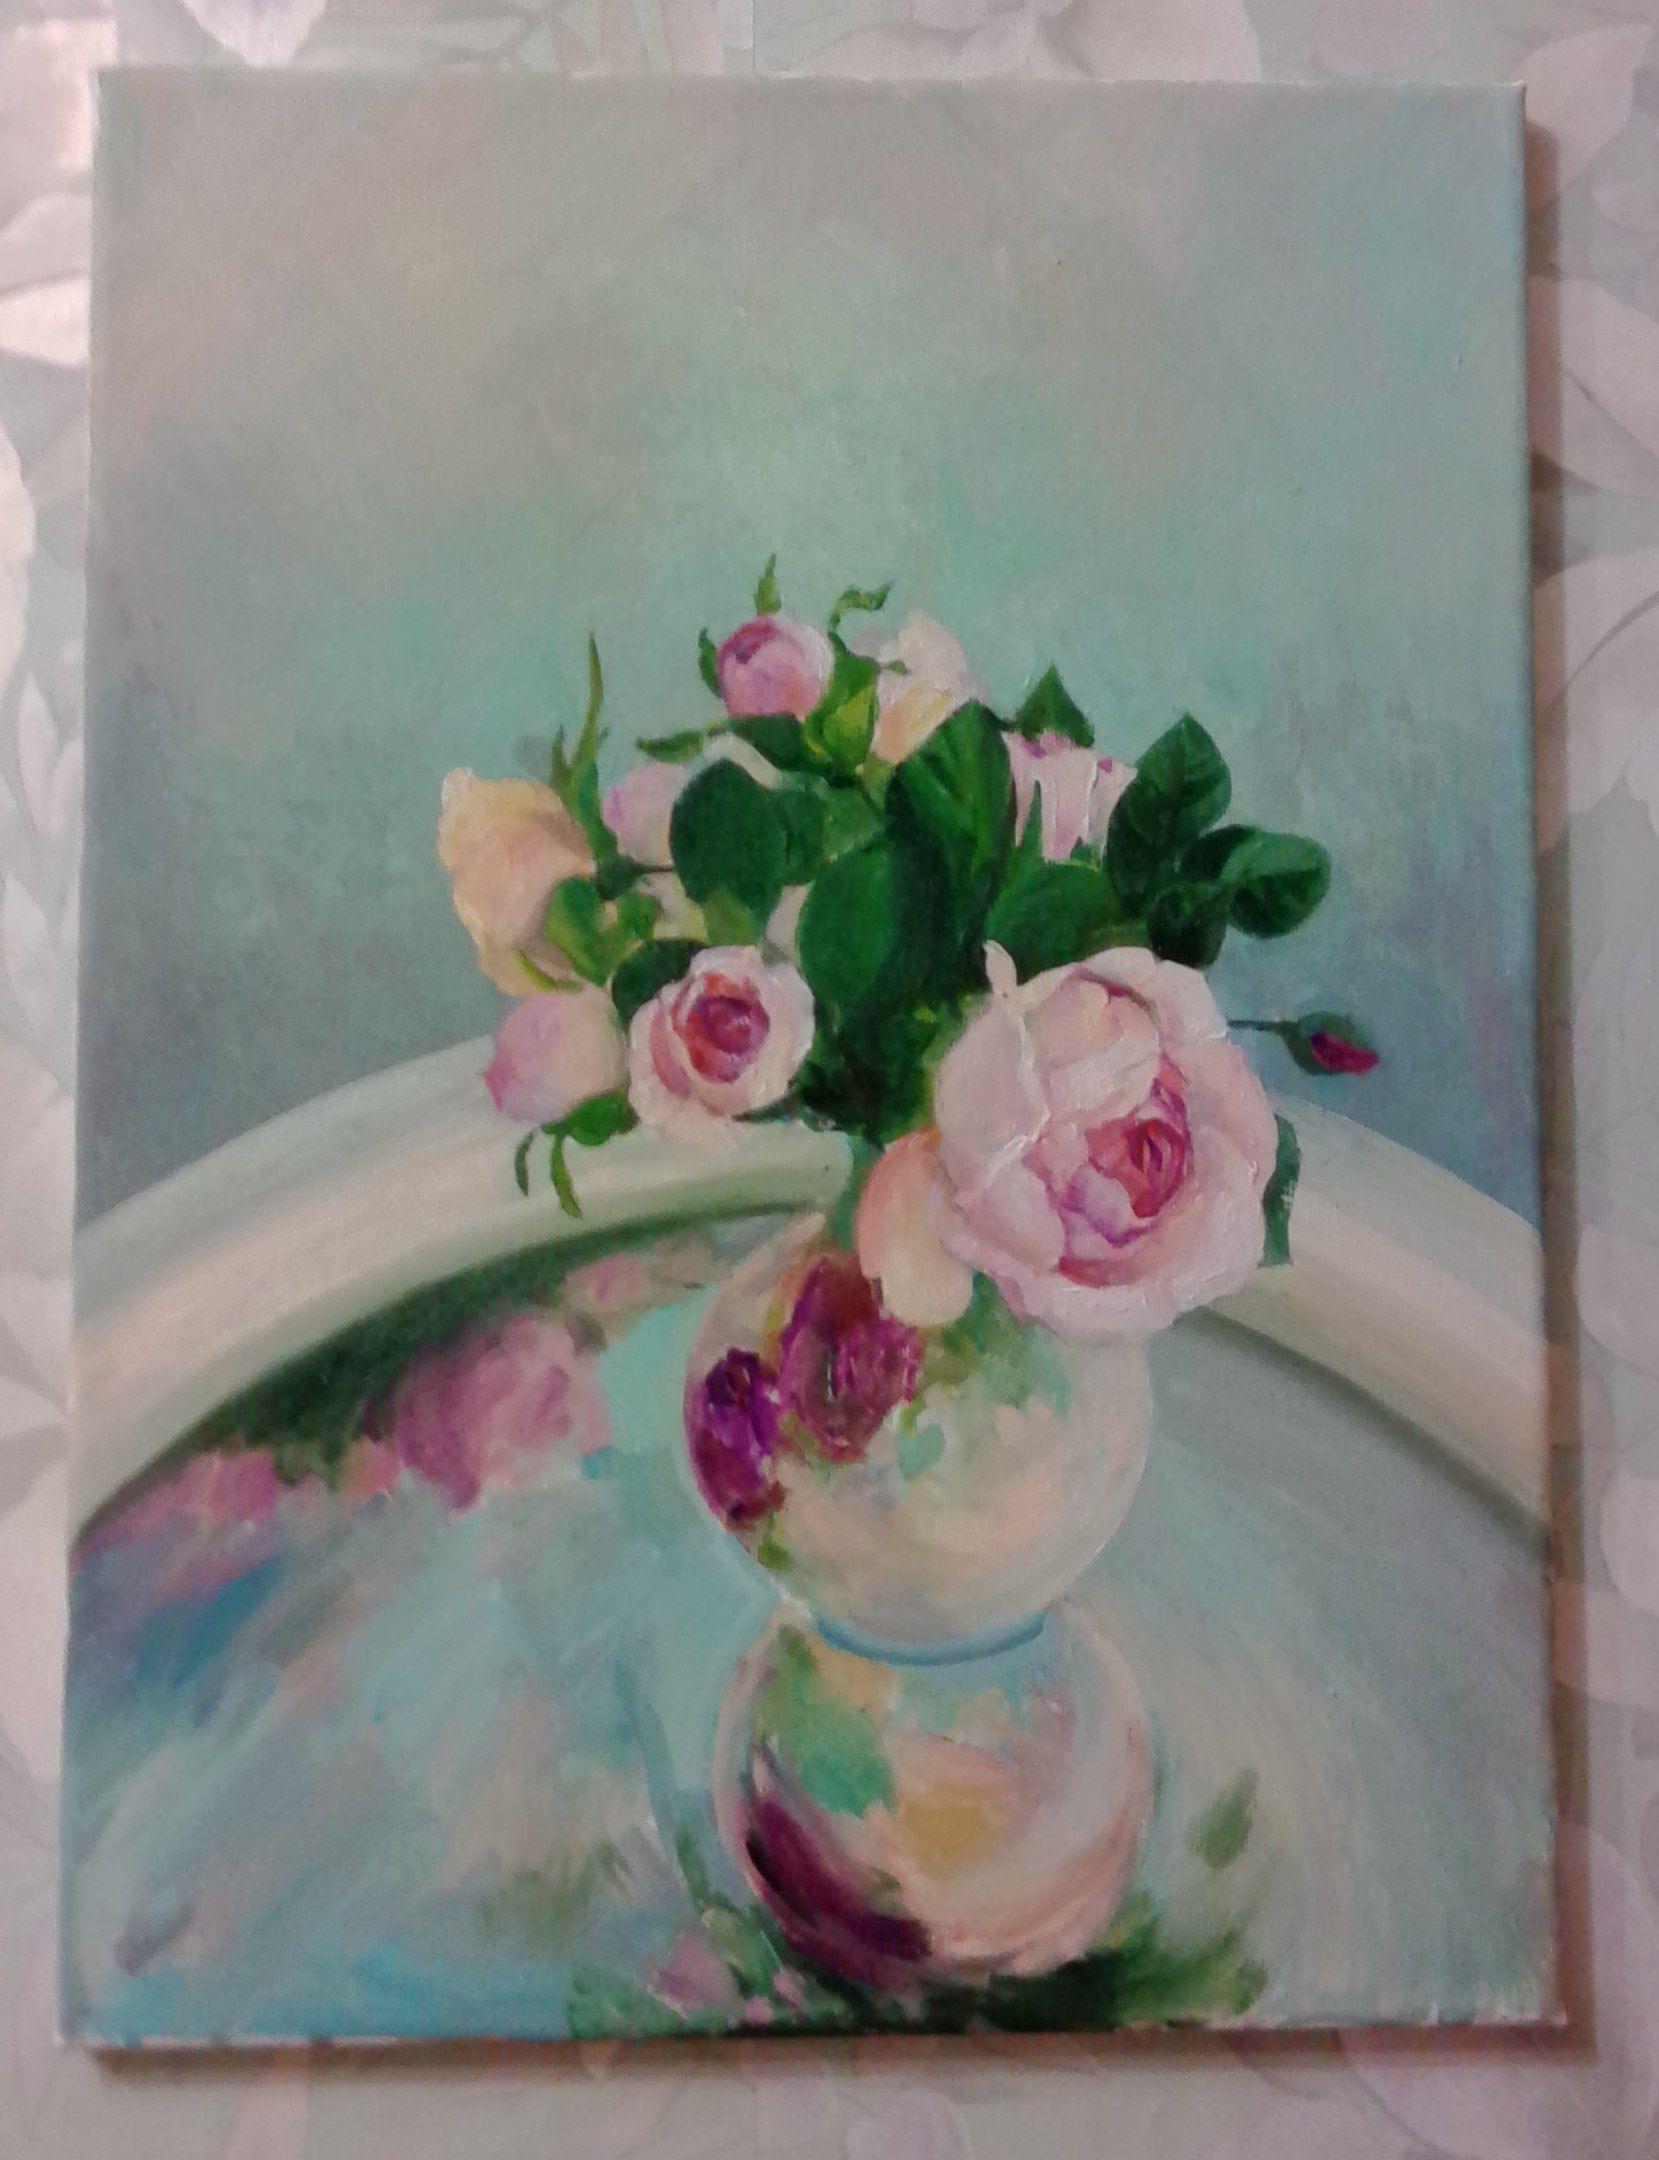 картина art розы nice цветы paint натюрморт нежно красиво